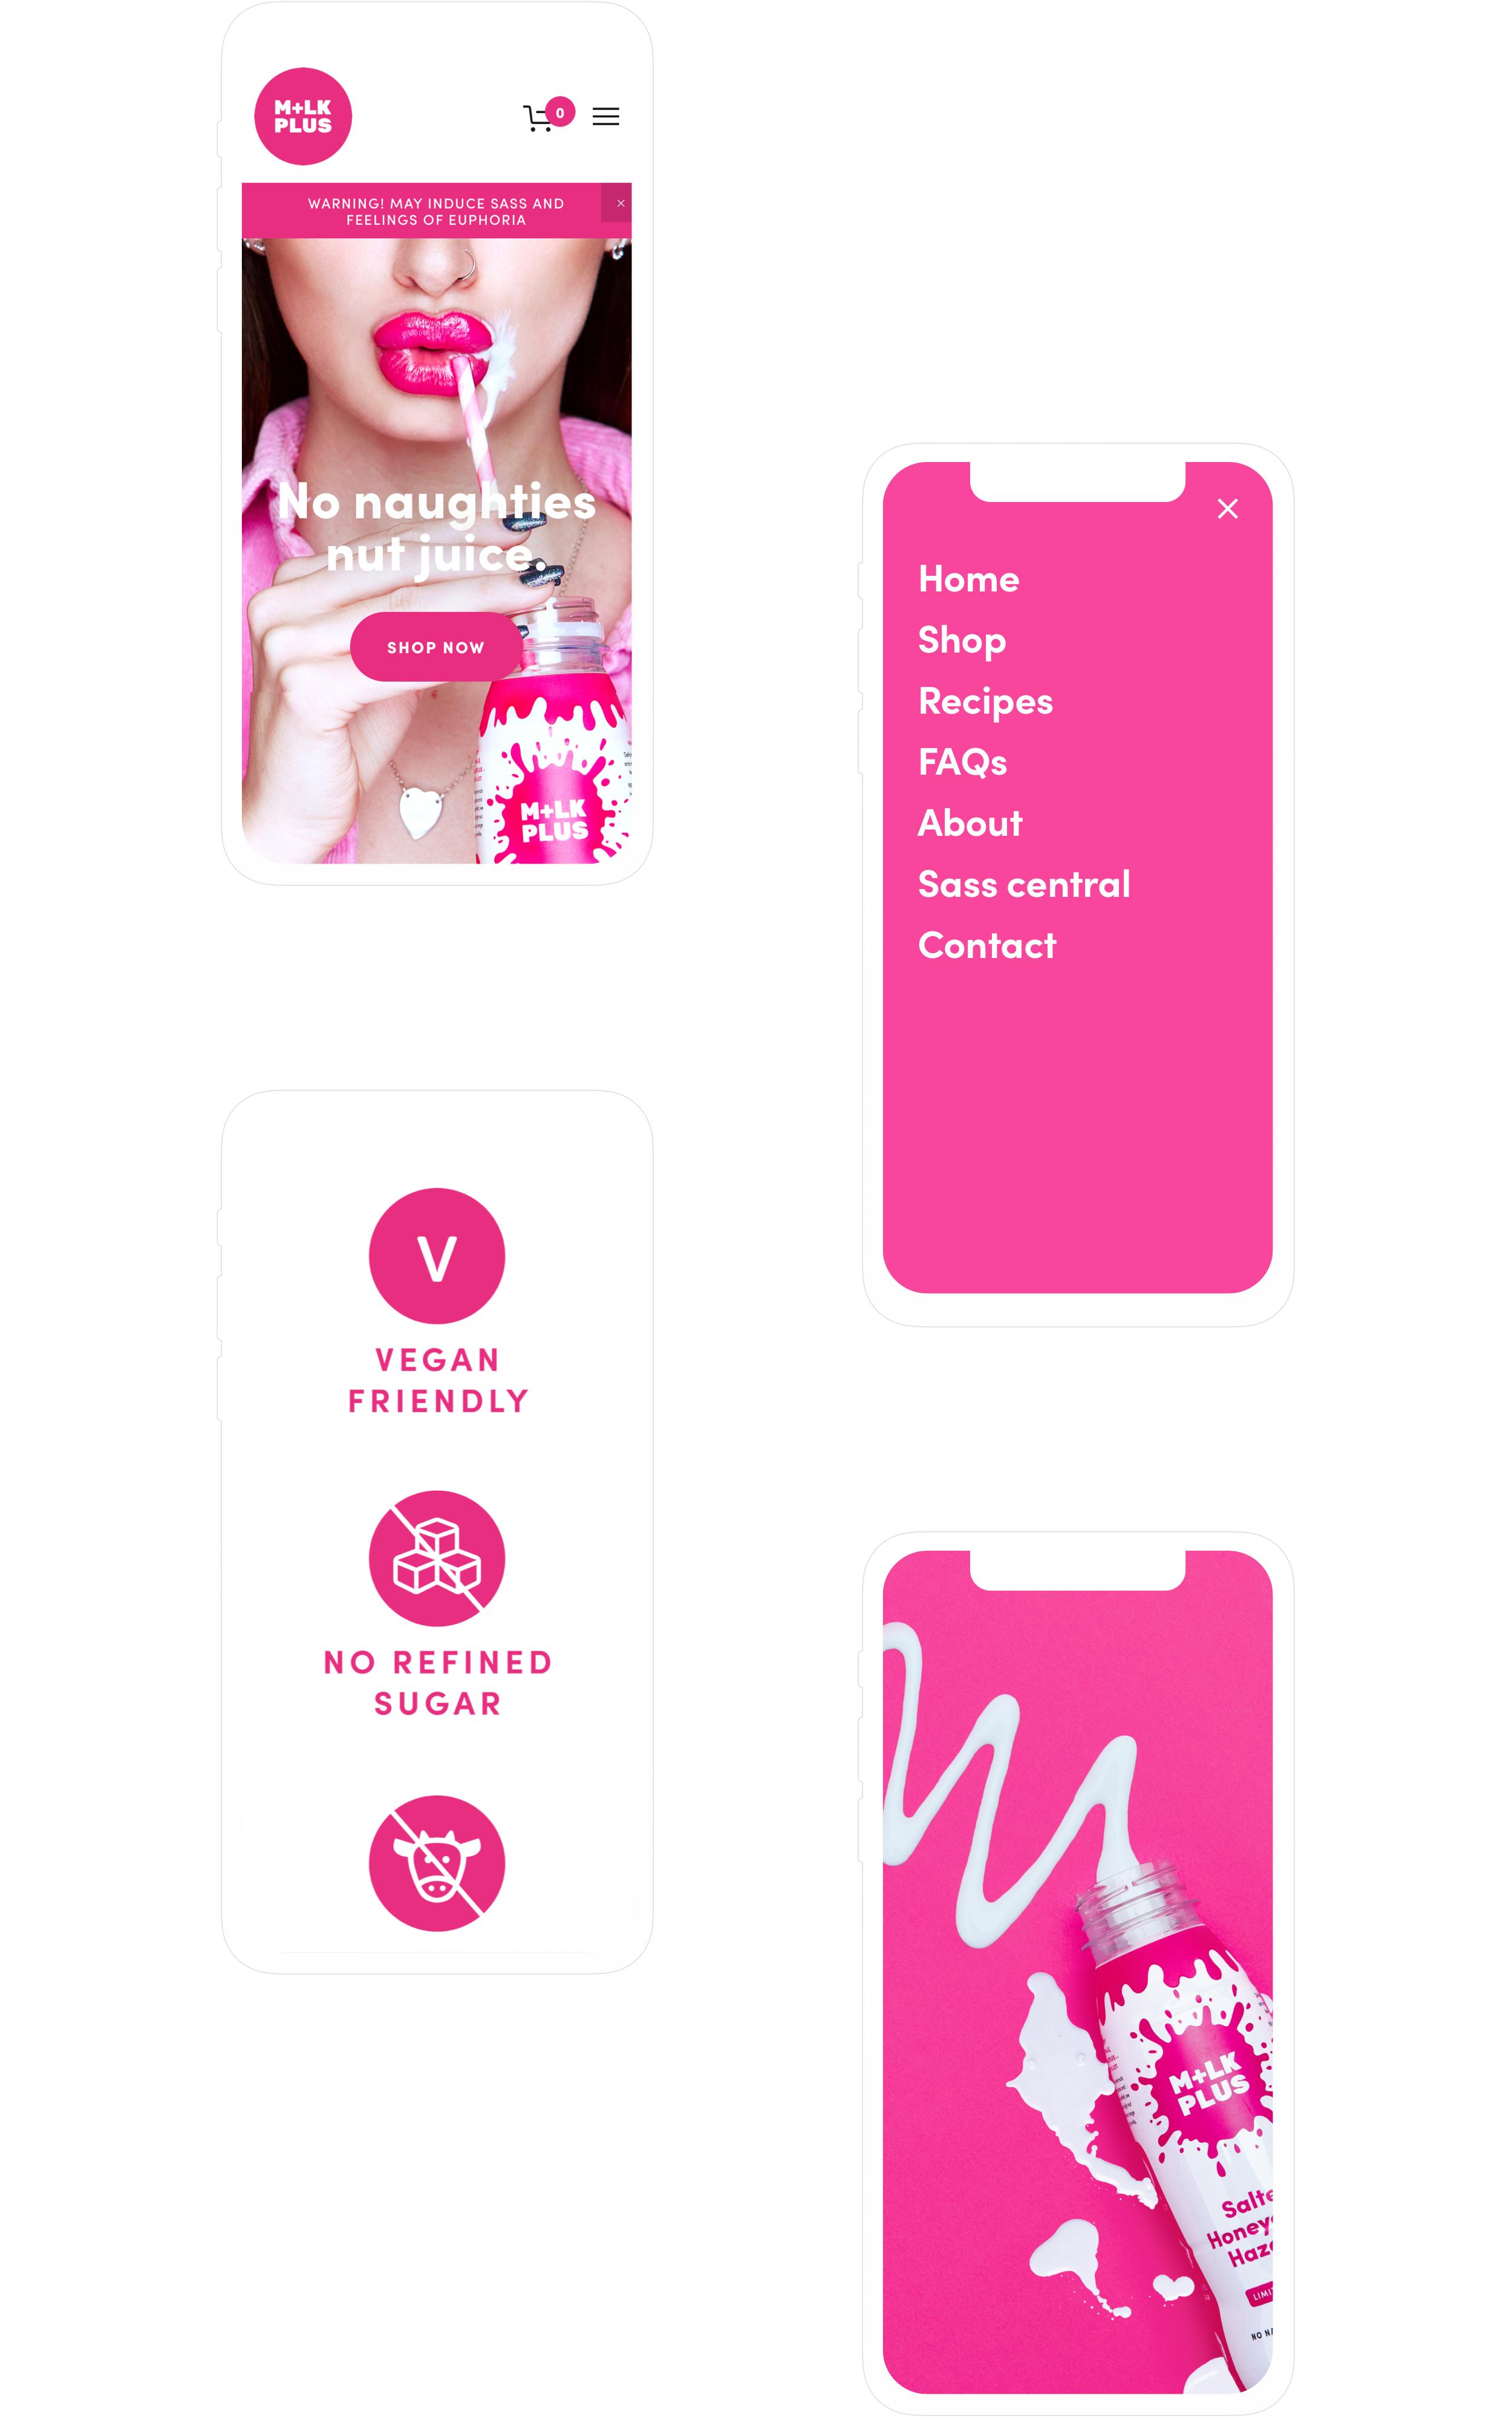 Mobile first website design for M+LKPLUS